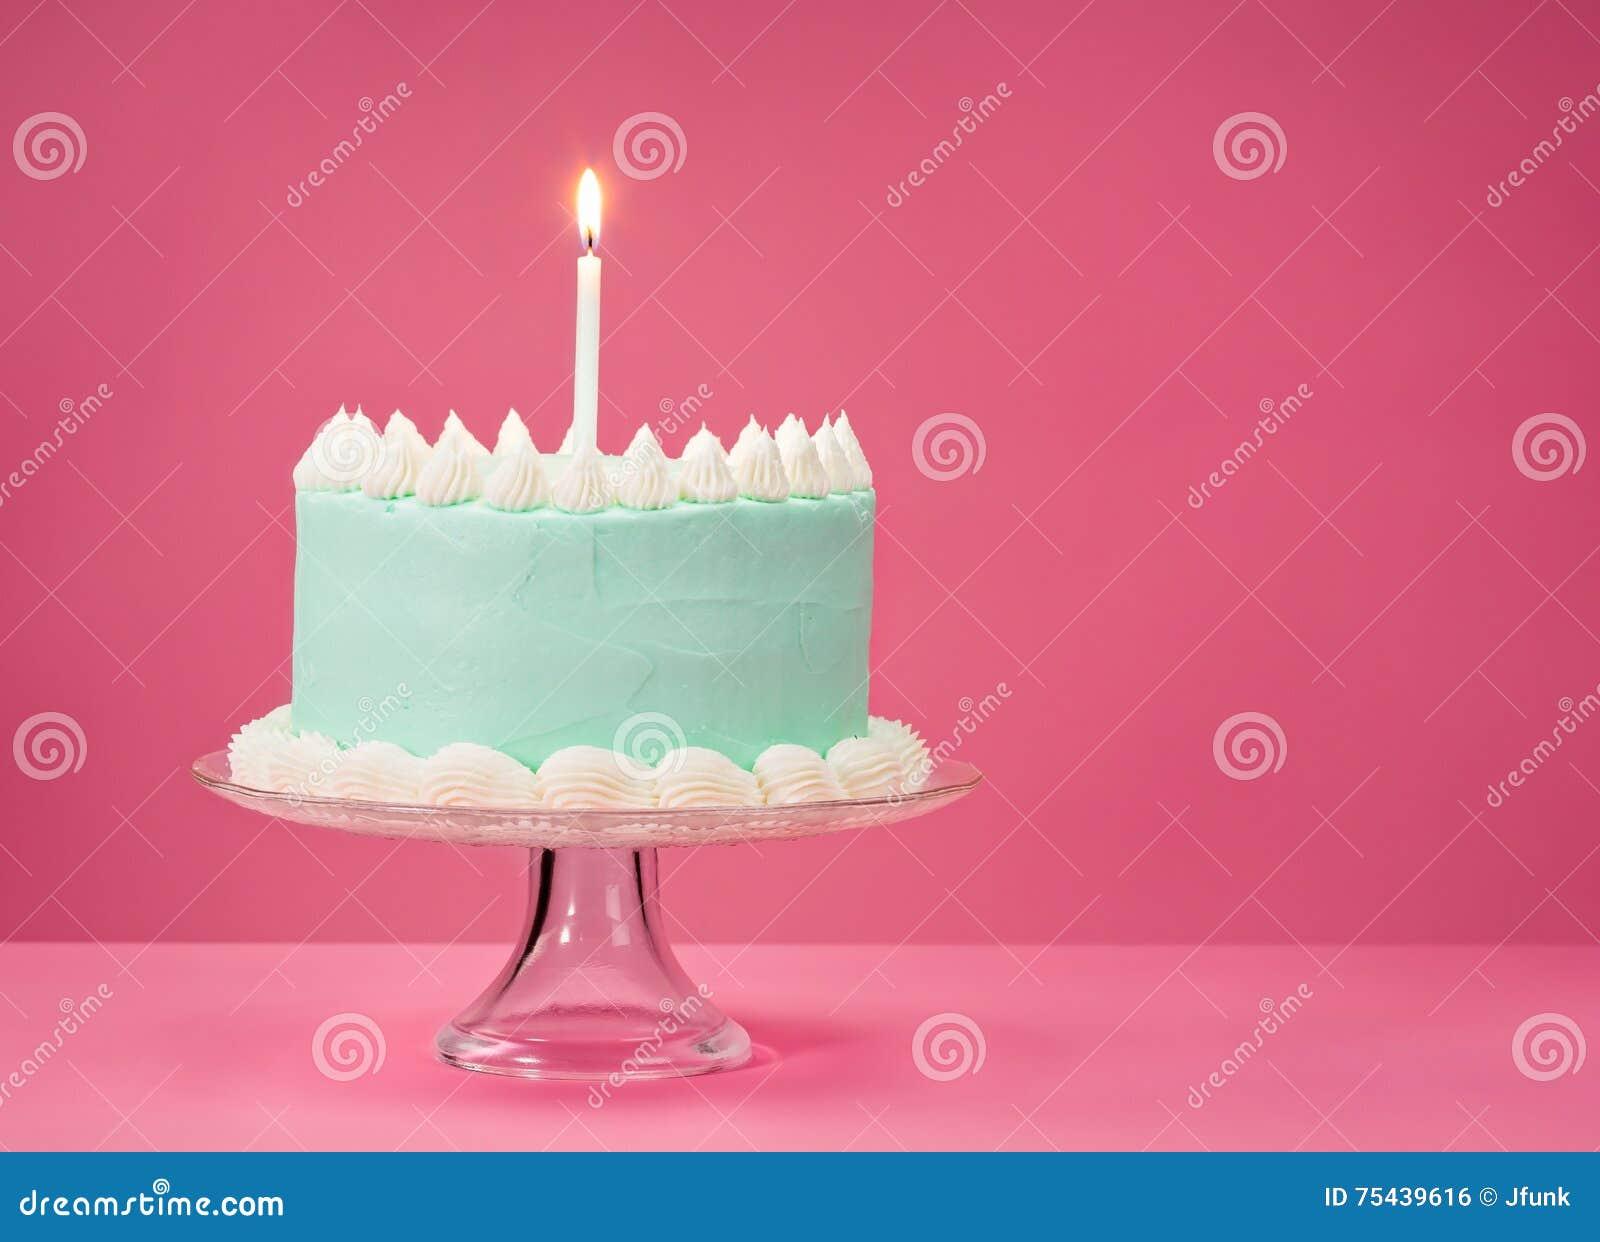 Torta de cumpleaños azul sobre fondo rosado